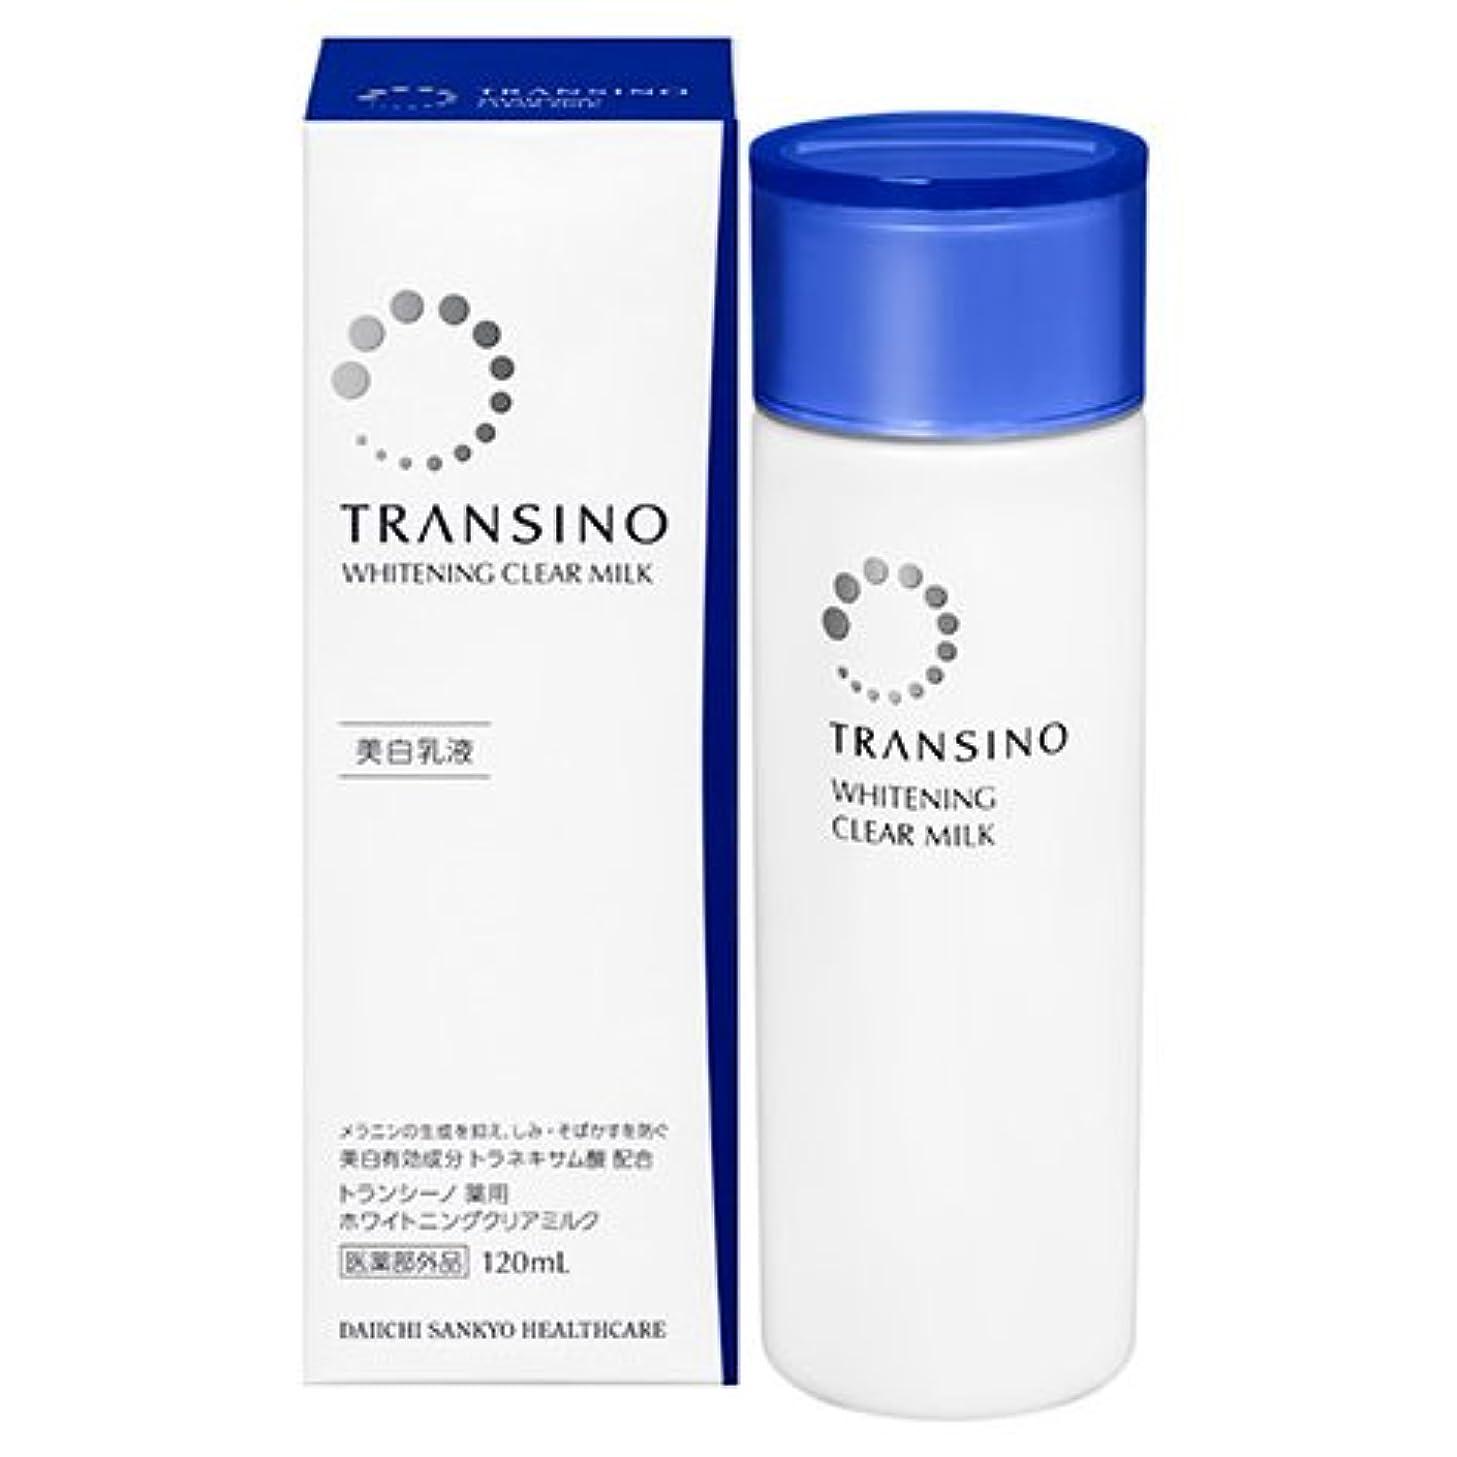 準備した神社腸トランシーノ 薬用ホワイトニングクリアミルク 120ml [並行輸入品]